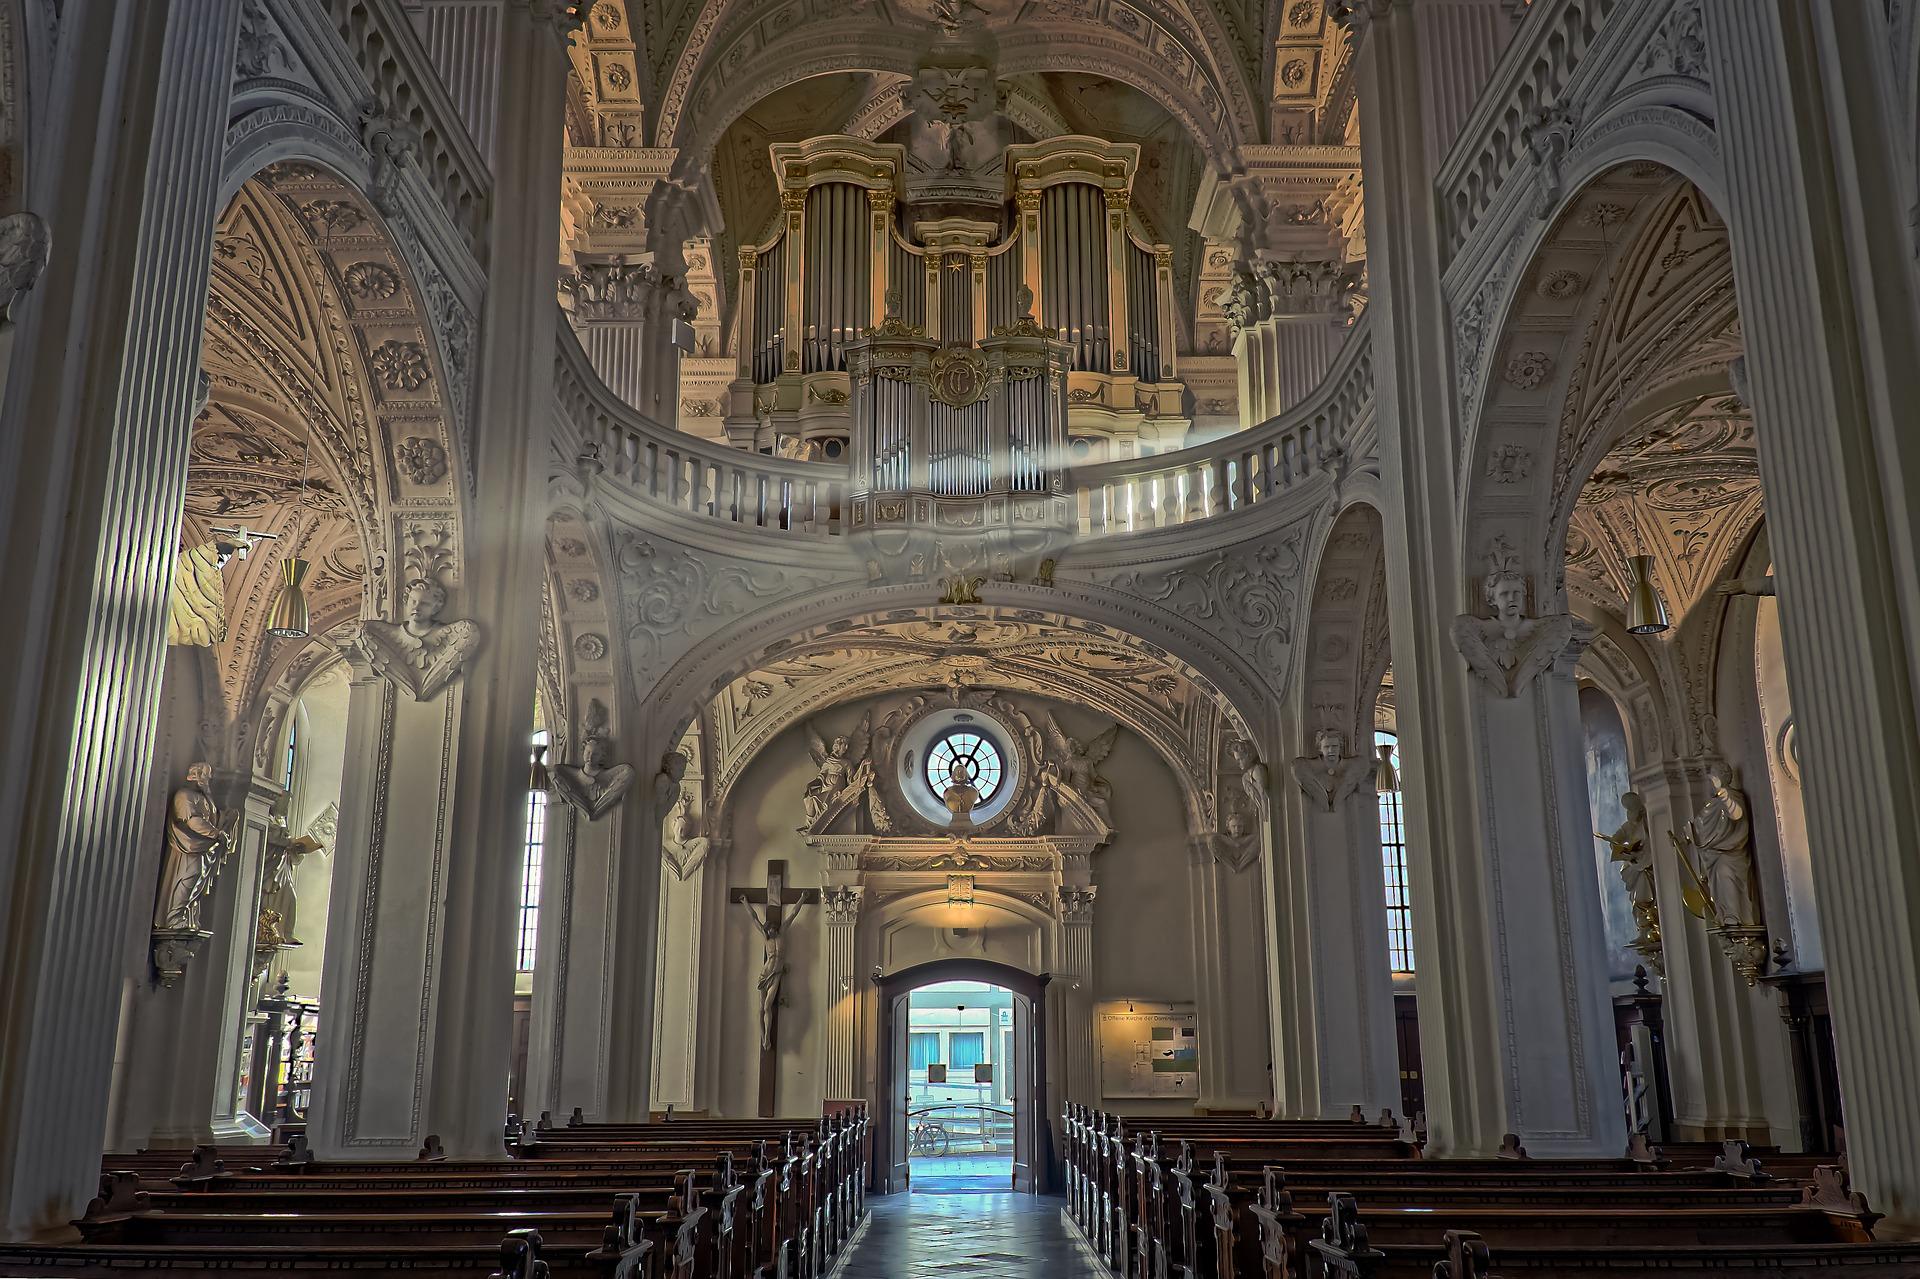 El arte cristiano - Historia del arte cristiano